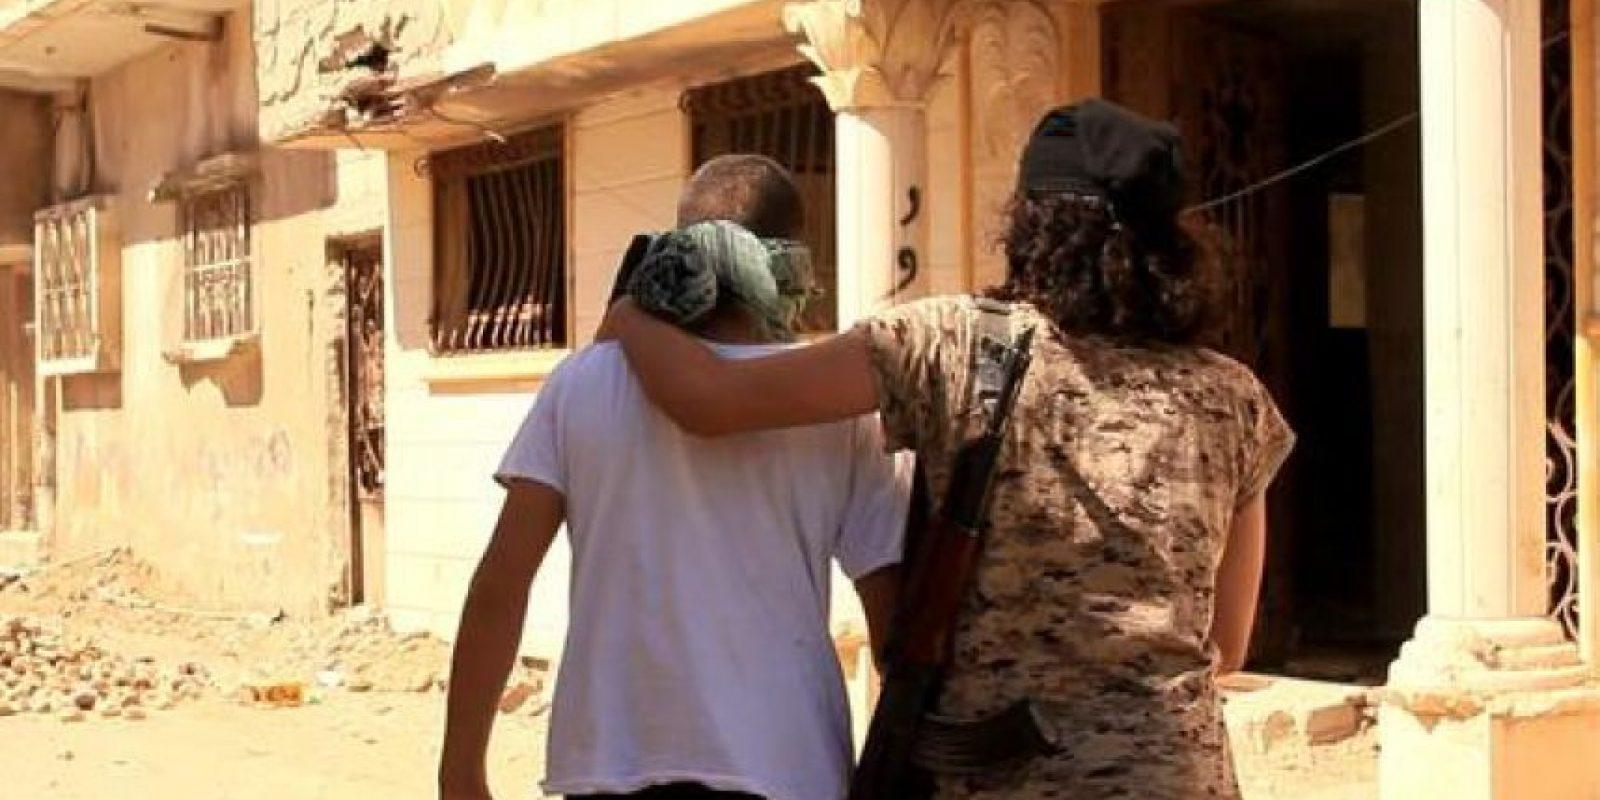 Además, arrojó a un par de hombres en Homs acusado de homosexuales Foto:Twitter.com/raqqa_mcr